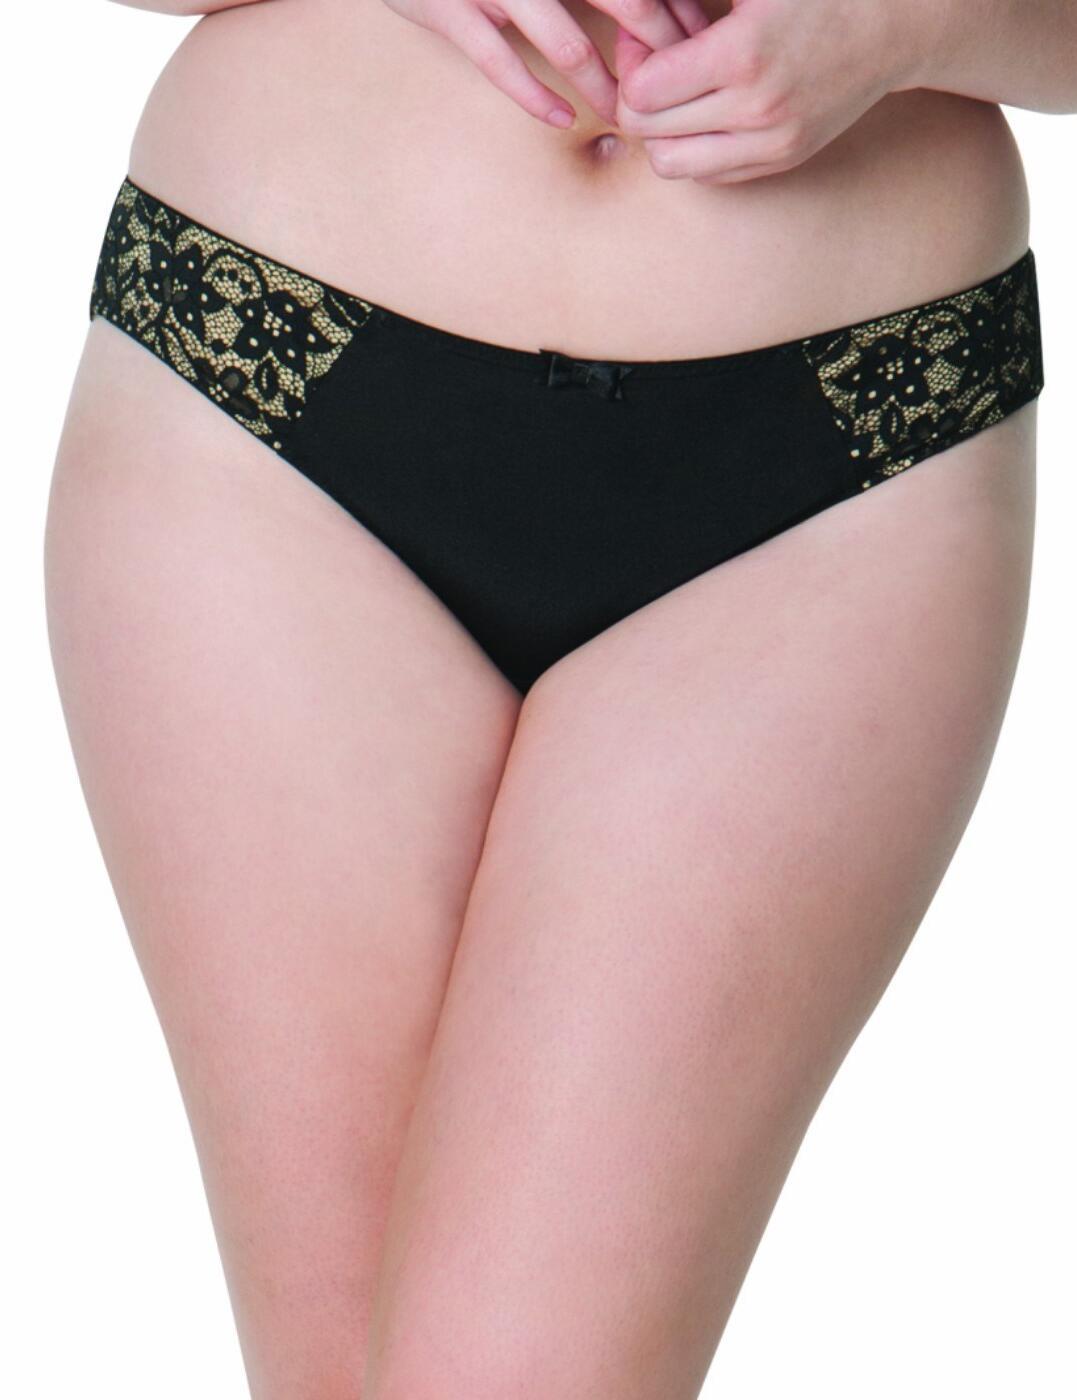 SG3205 Curvy Kate Vixen Brazilian Brief - SG3205 Black/Almond